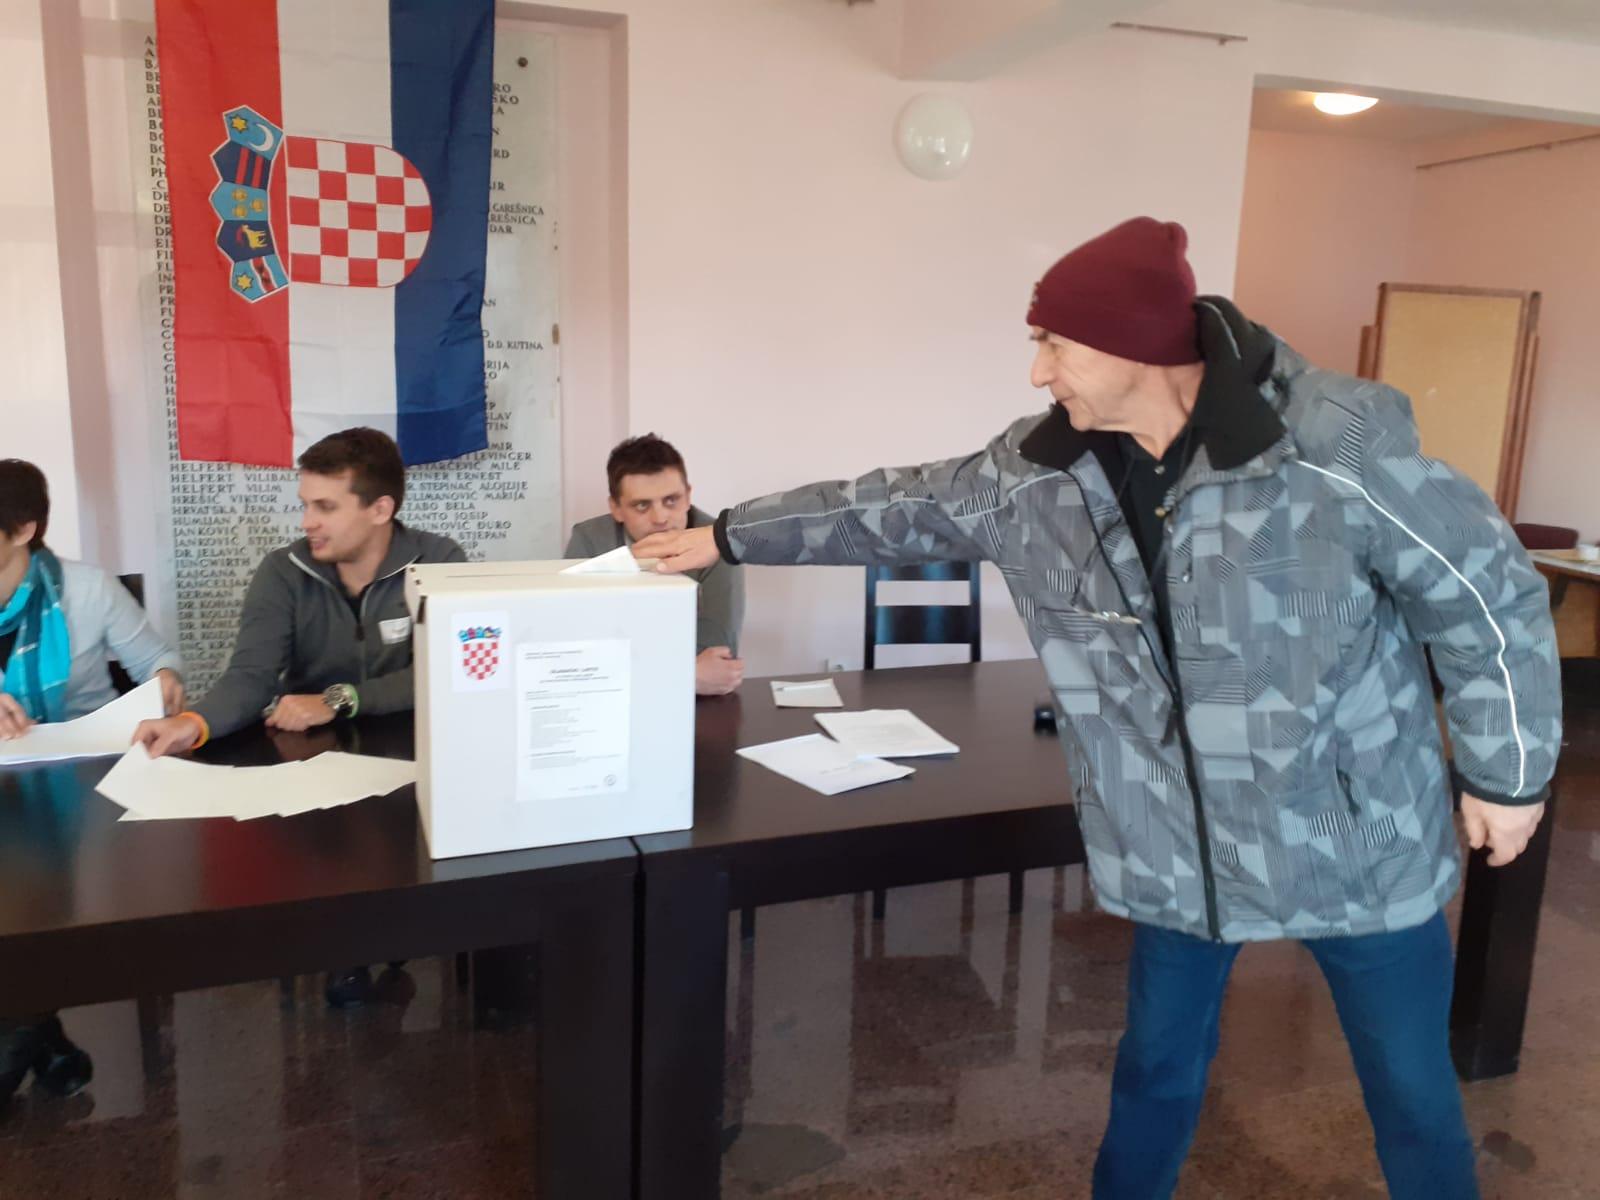 DO 11,30 Najveća, ali i najmanja izlaznost u županijama središnje Hrvatske